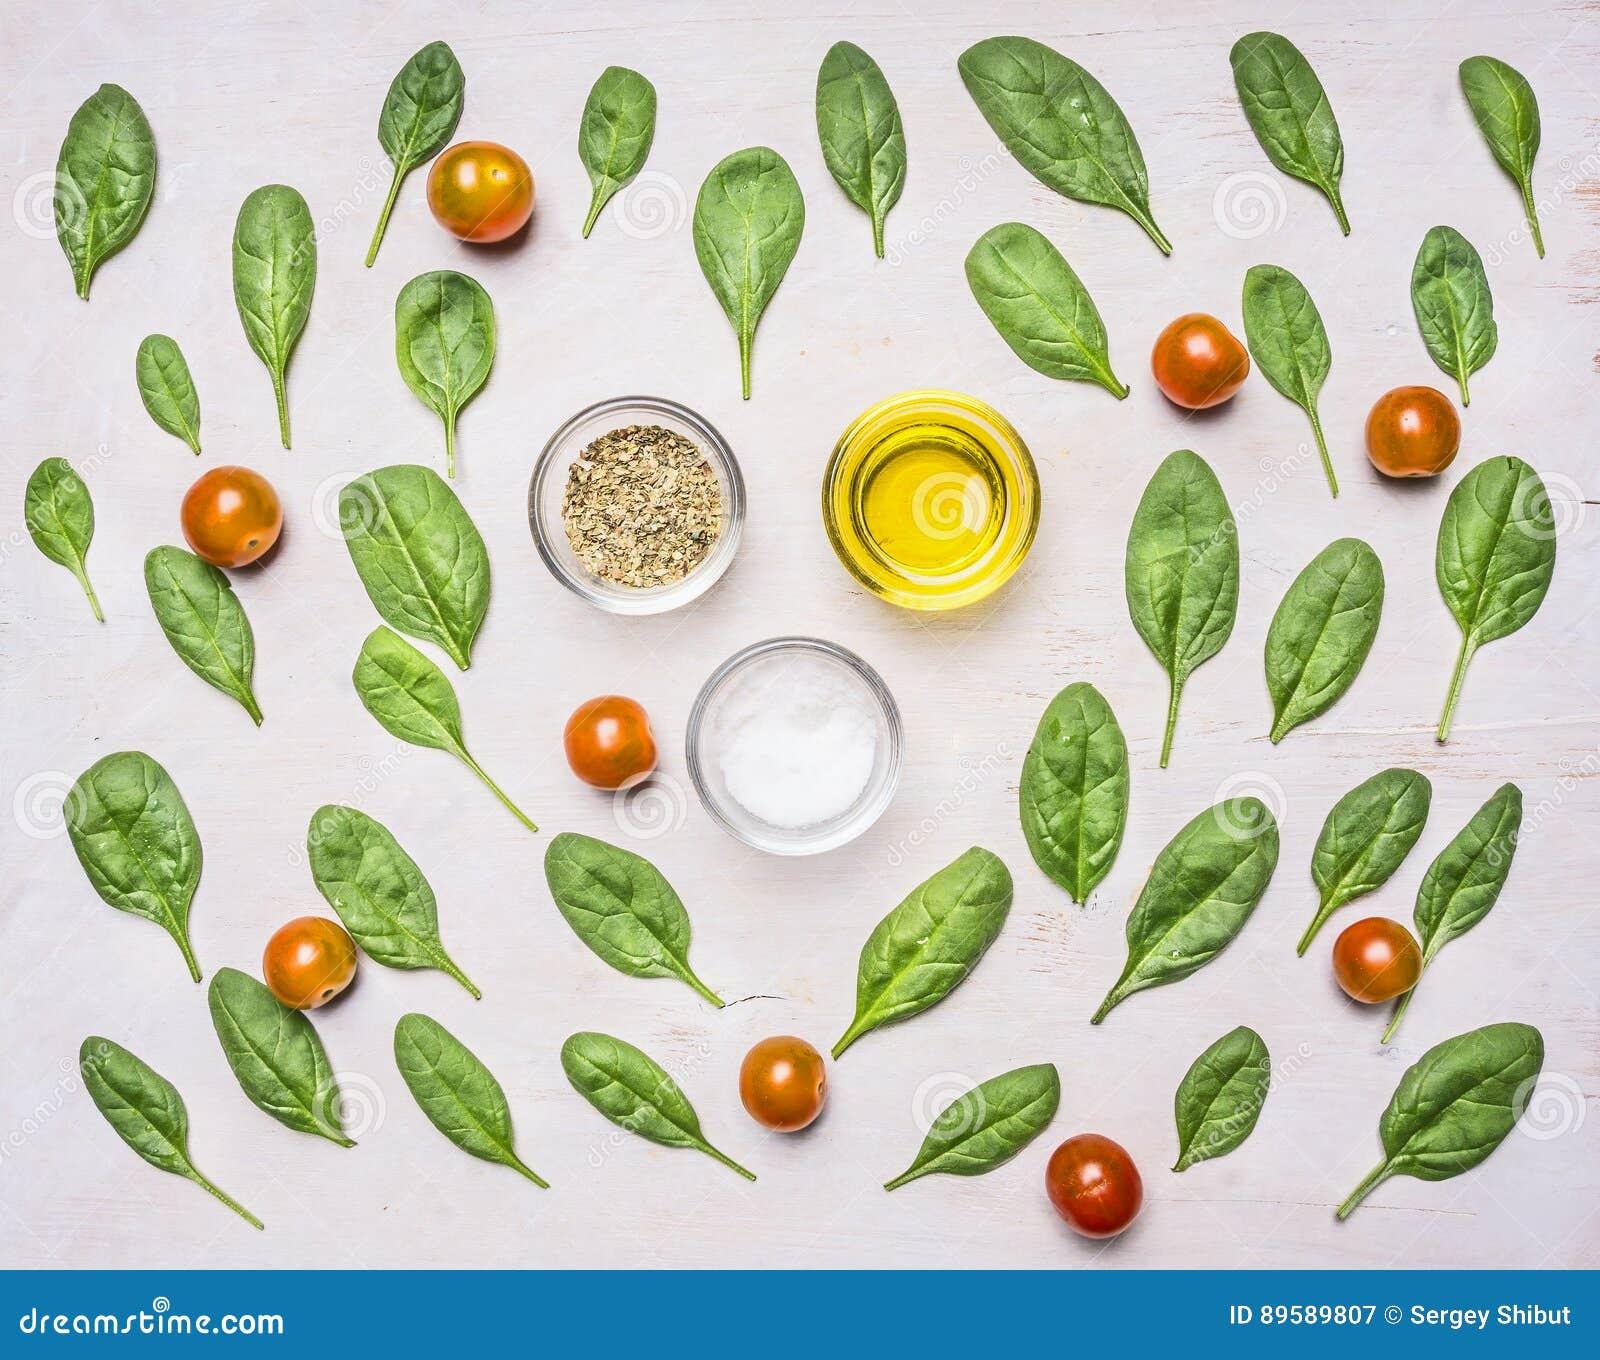 Składniki dla sałatki, ziele, oleju, pieprzu, soli i seasonings, na białym nieociosanym tle